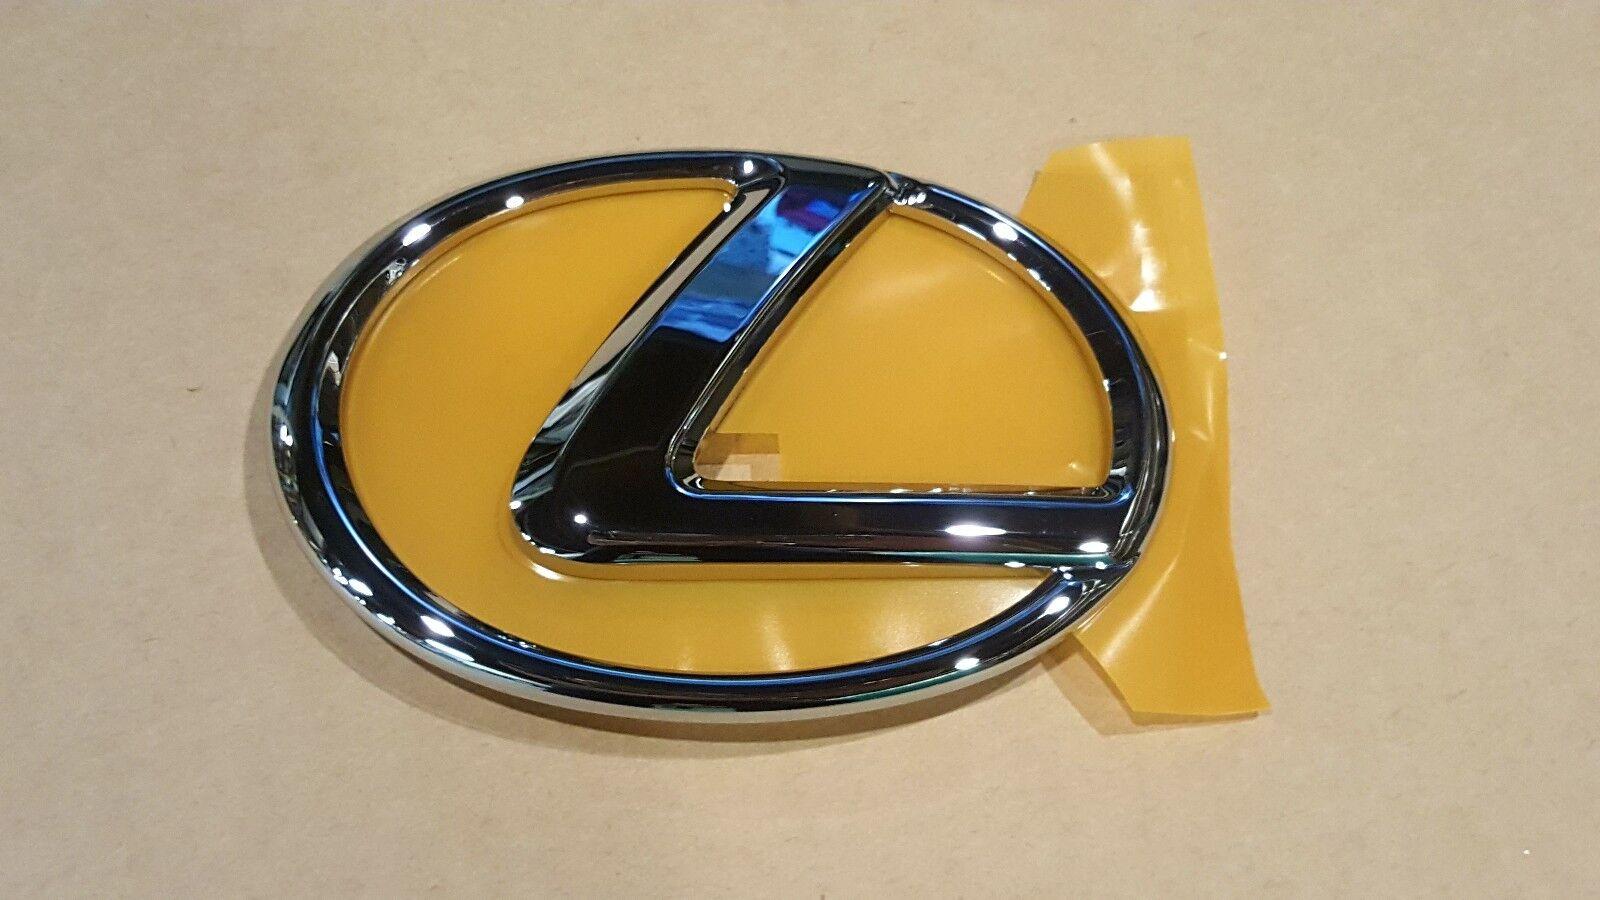 2008 2009 Oem New Lexus Is250 Chrome Front Grille Emblem W